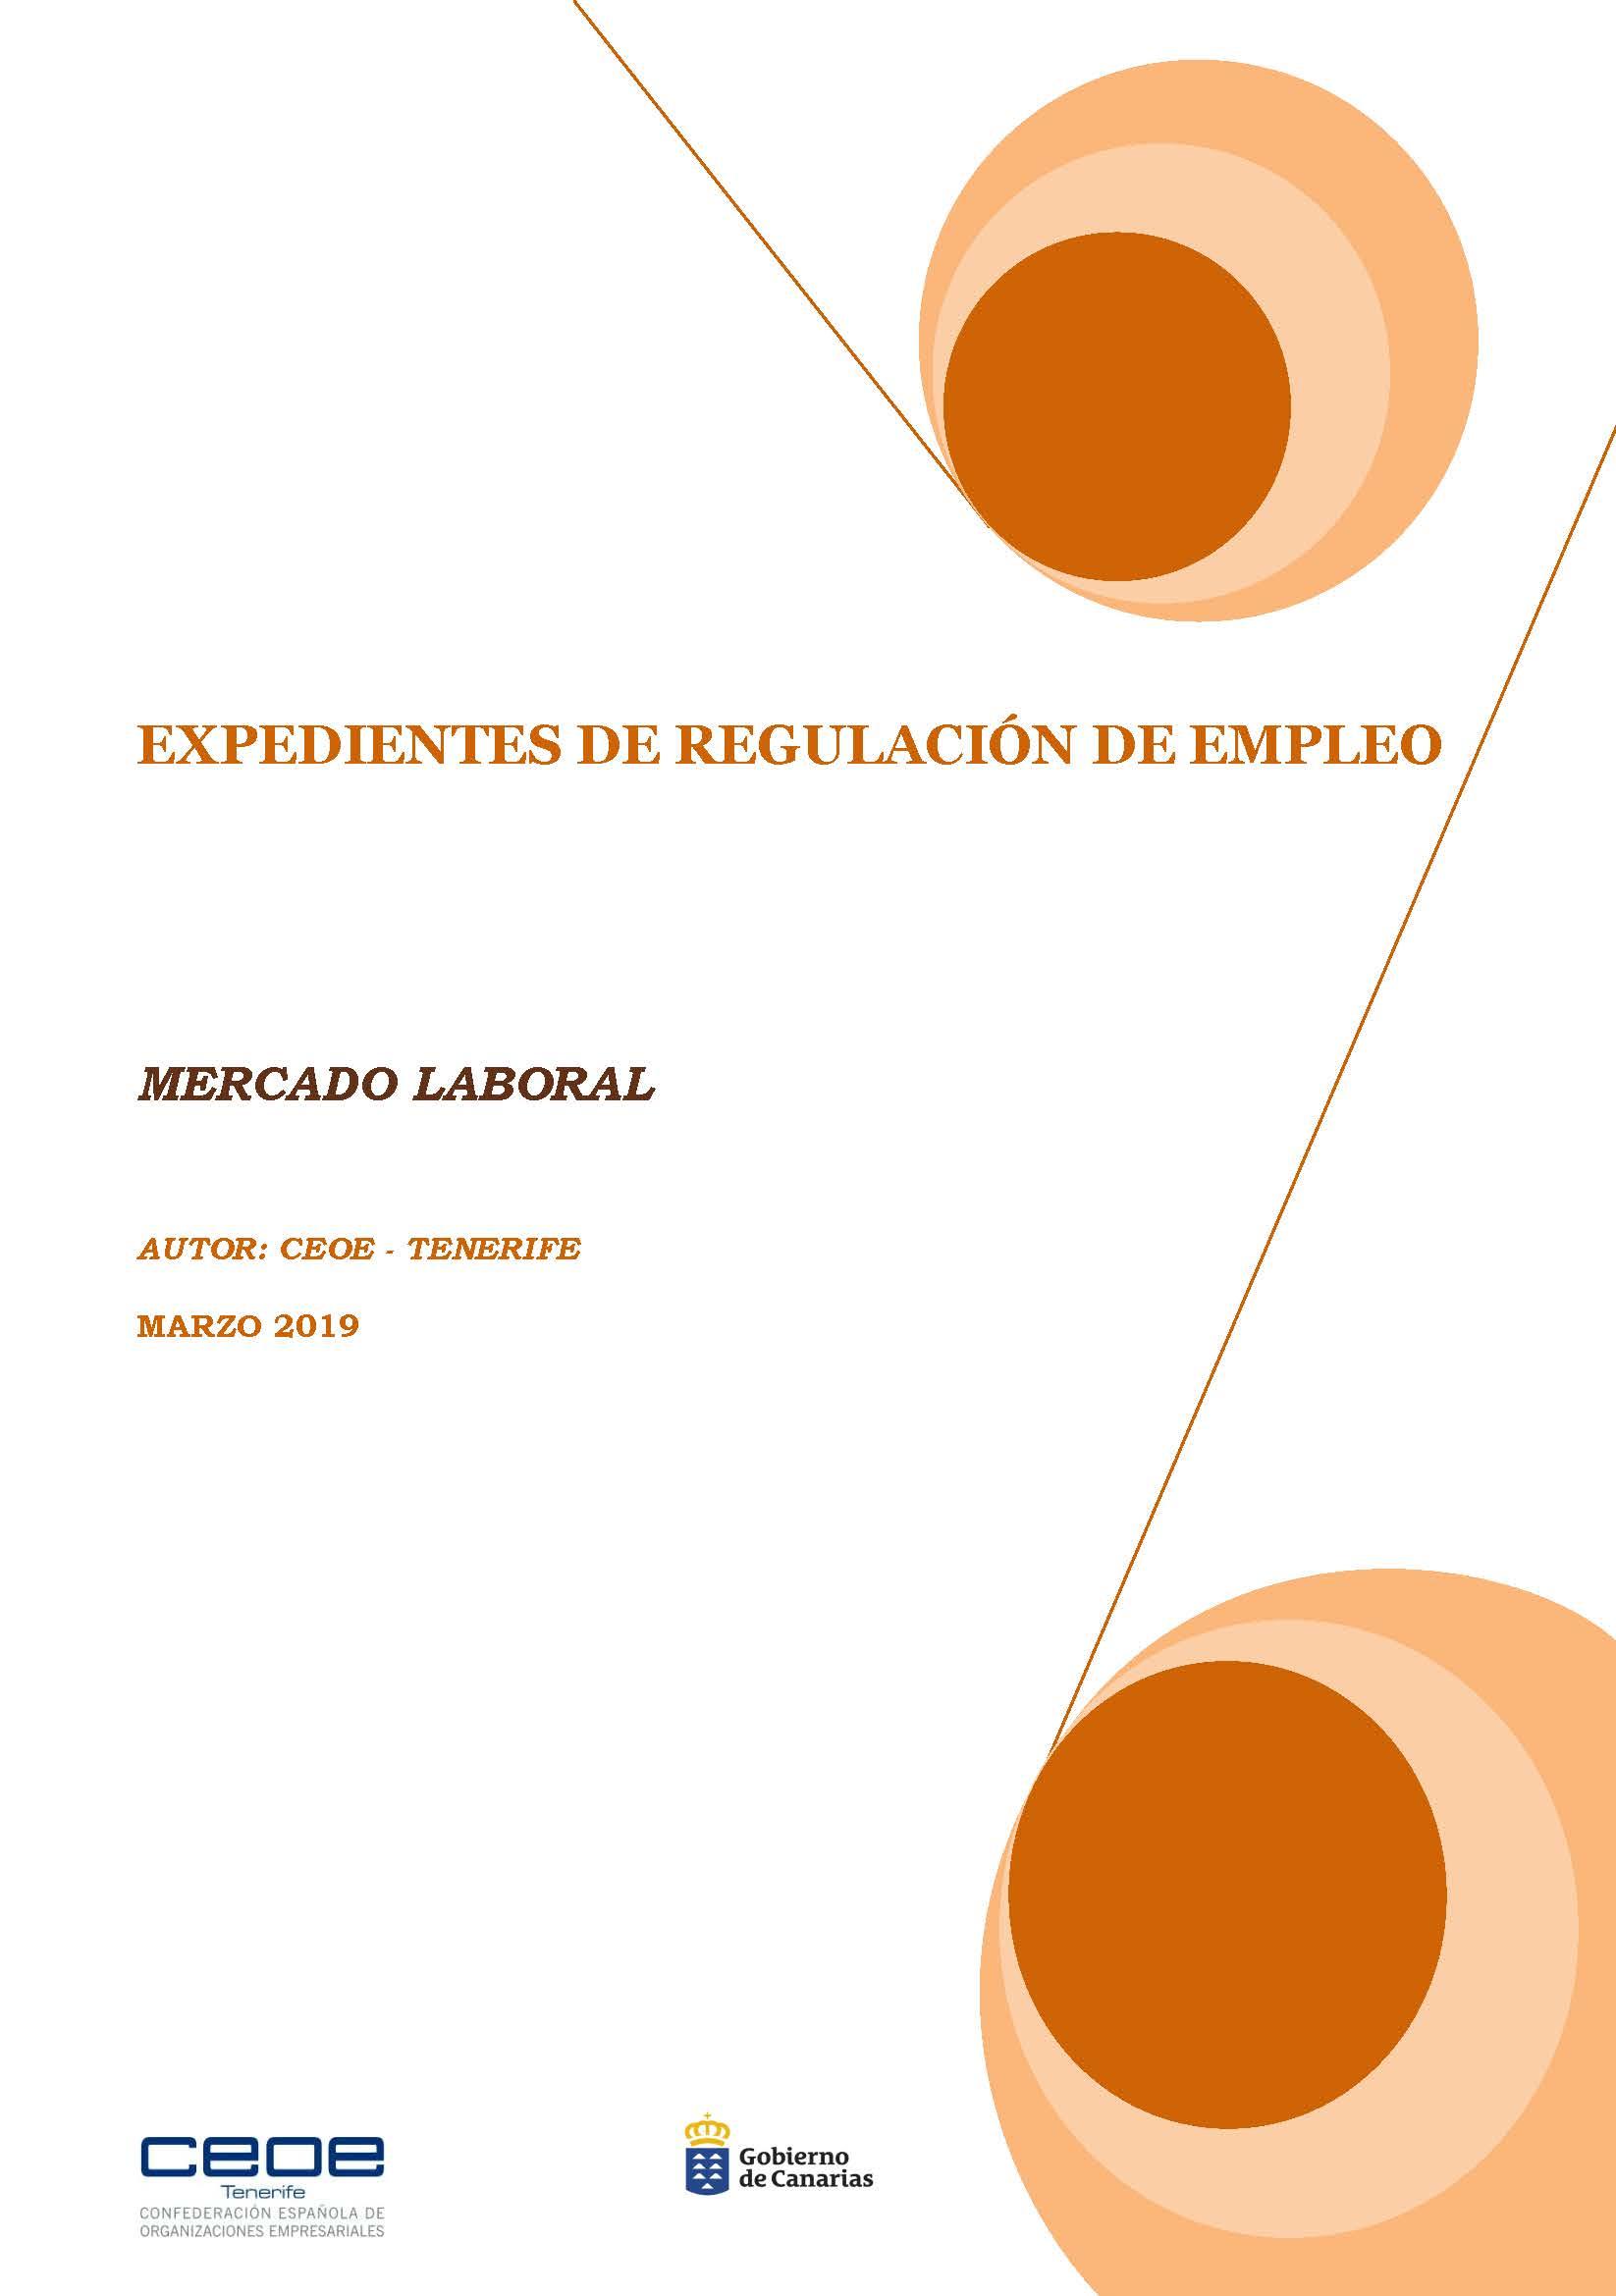 MERCADO LABORAL - ERES MARZO 2019